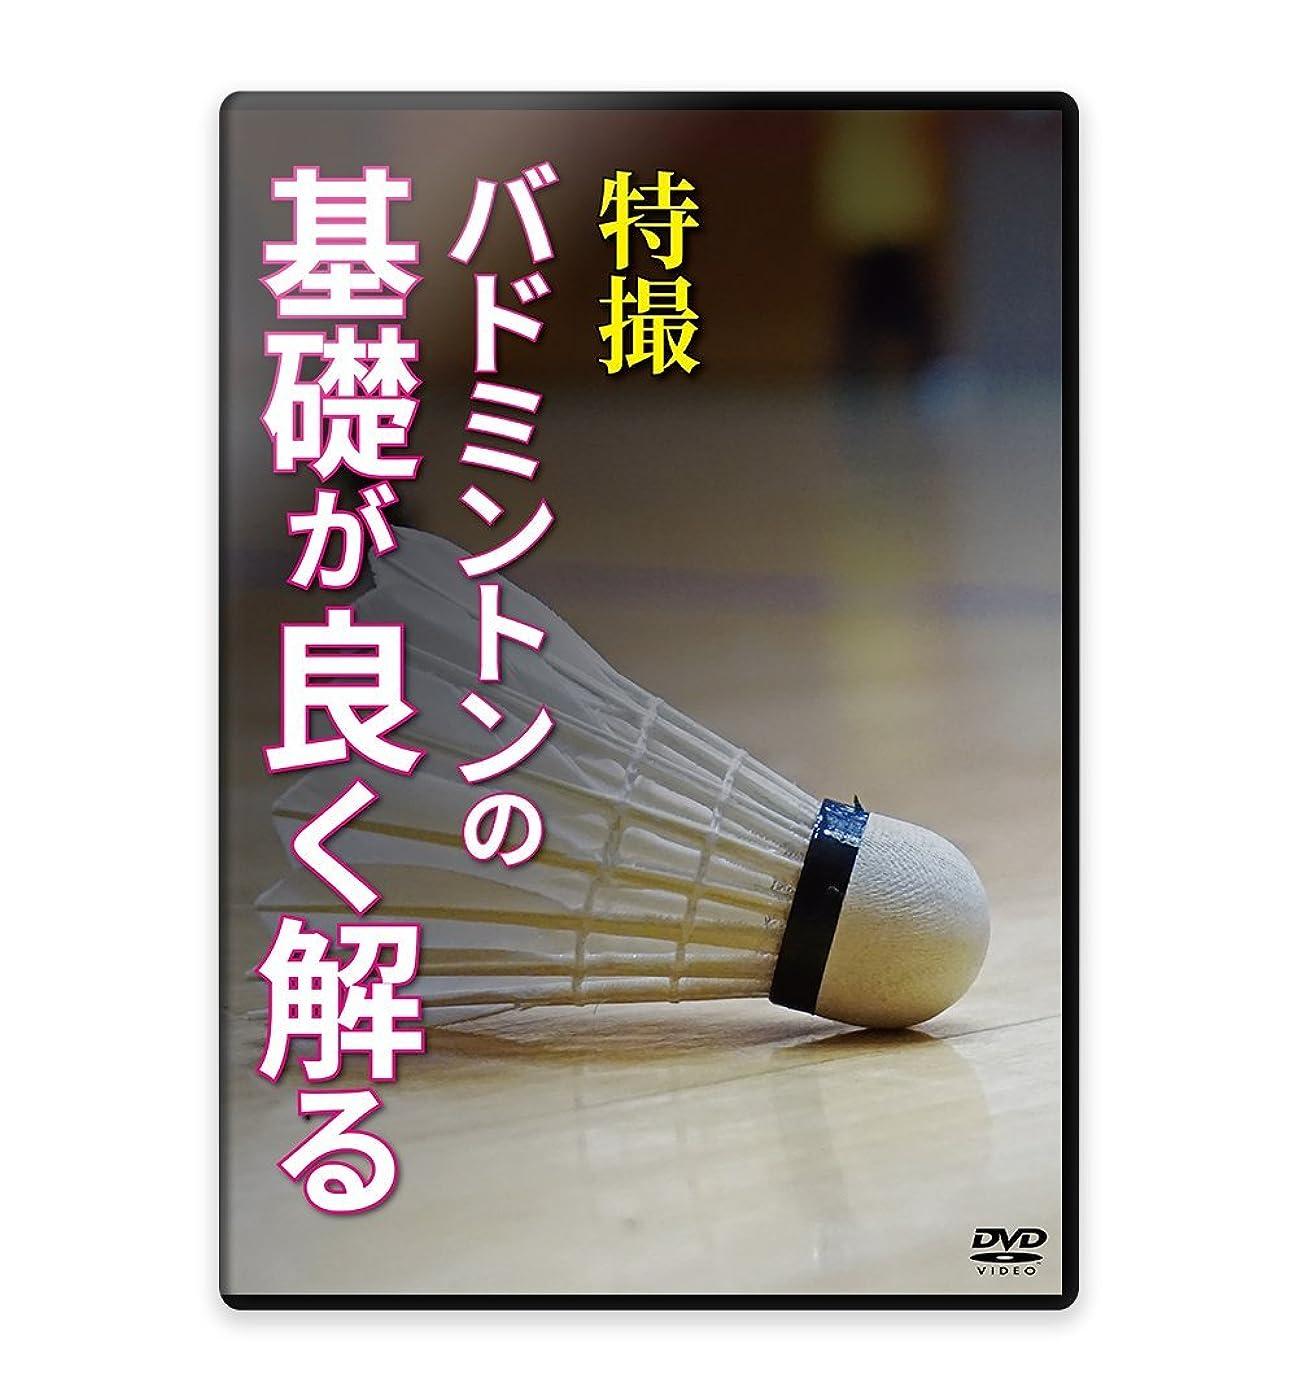 先入観ネクタイバレエ【バドミントン上達法DVD】特撮 バドミントンの基礎が良く解る